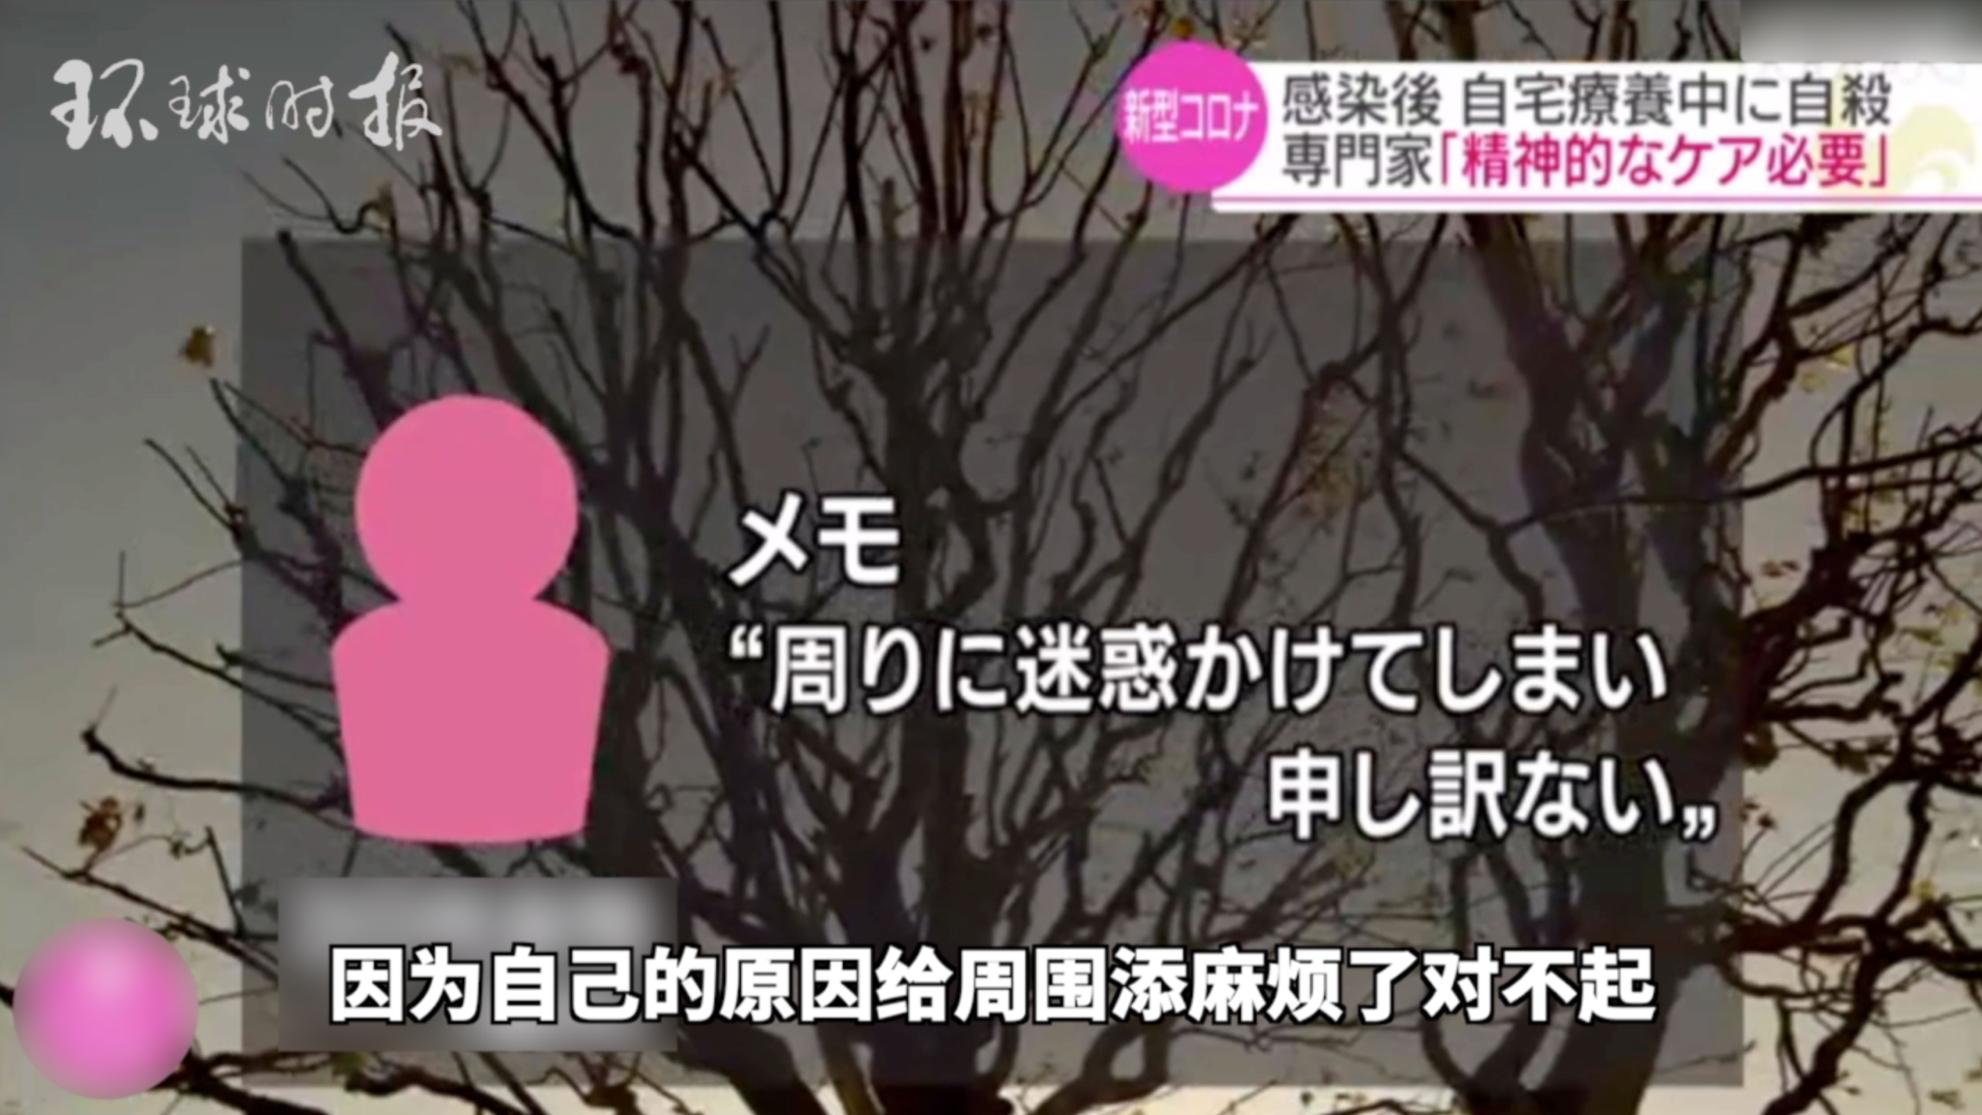 """东京感染新冠女性家中自杀,留遗书""""给周围添麻烦了对不起"""""""